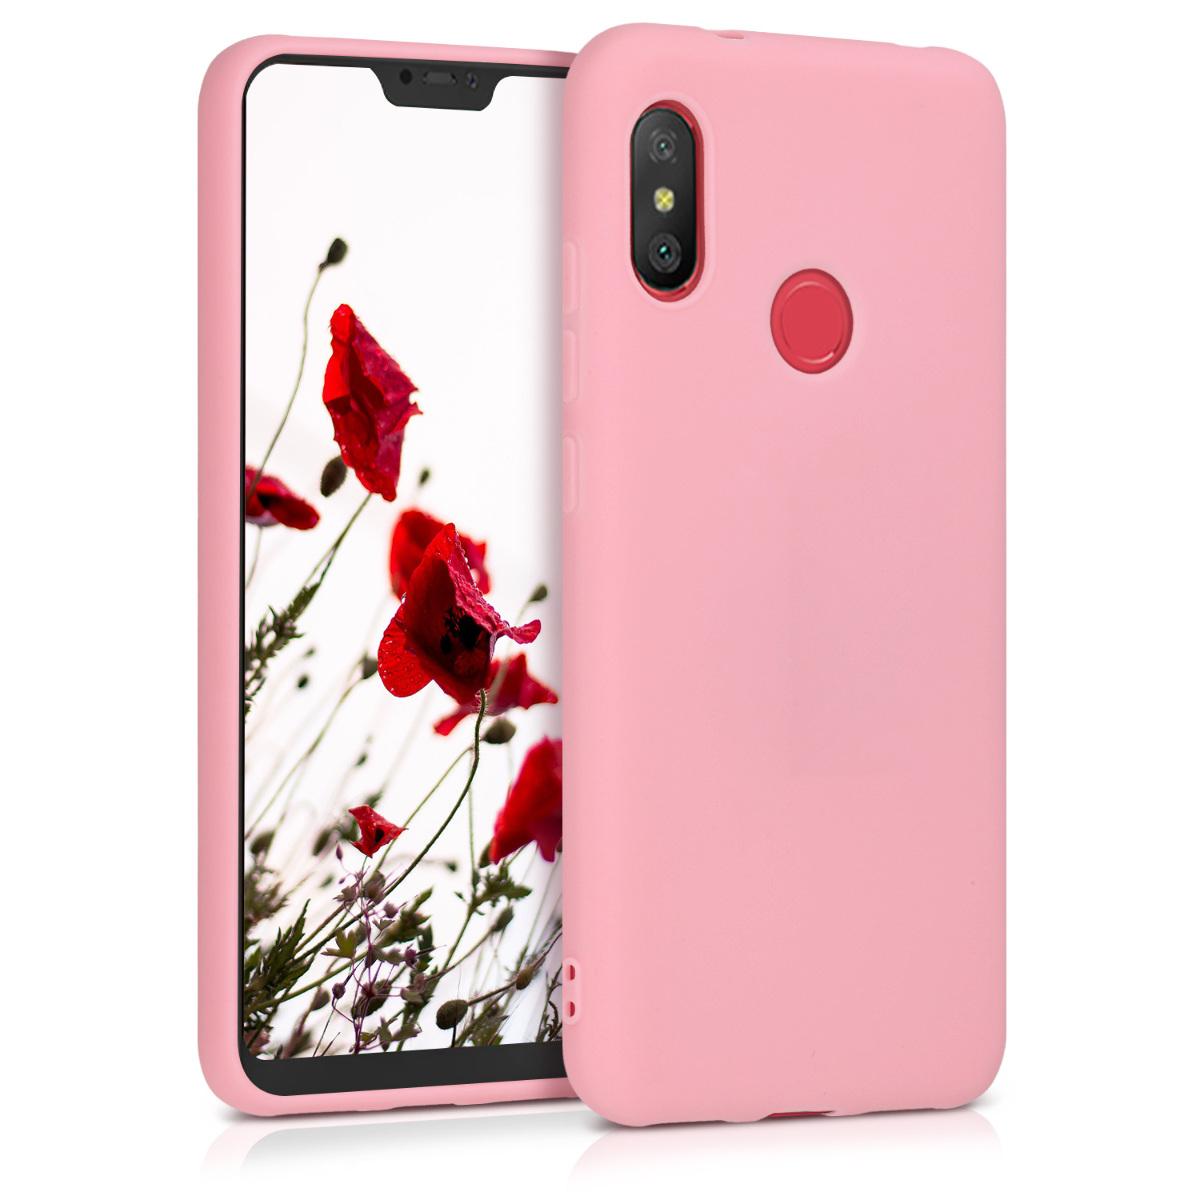 Kvalitní silikonové TPU pouzdro | obal pro Xiaomi Redmi 6 Pro | Mi A2 Lite - Light růžový matný